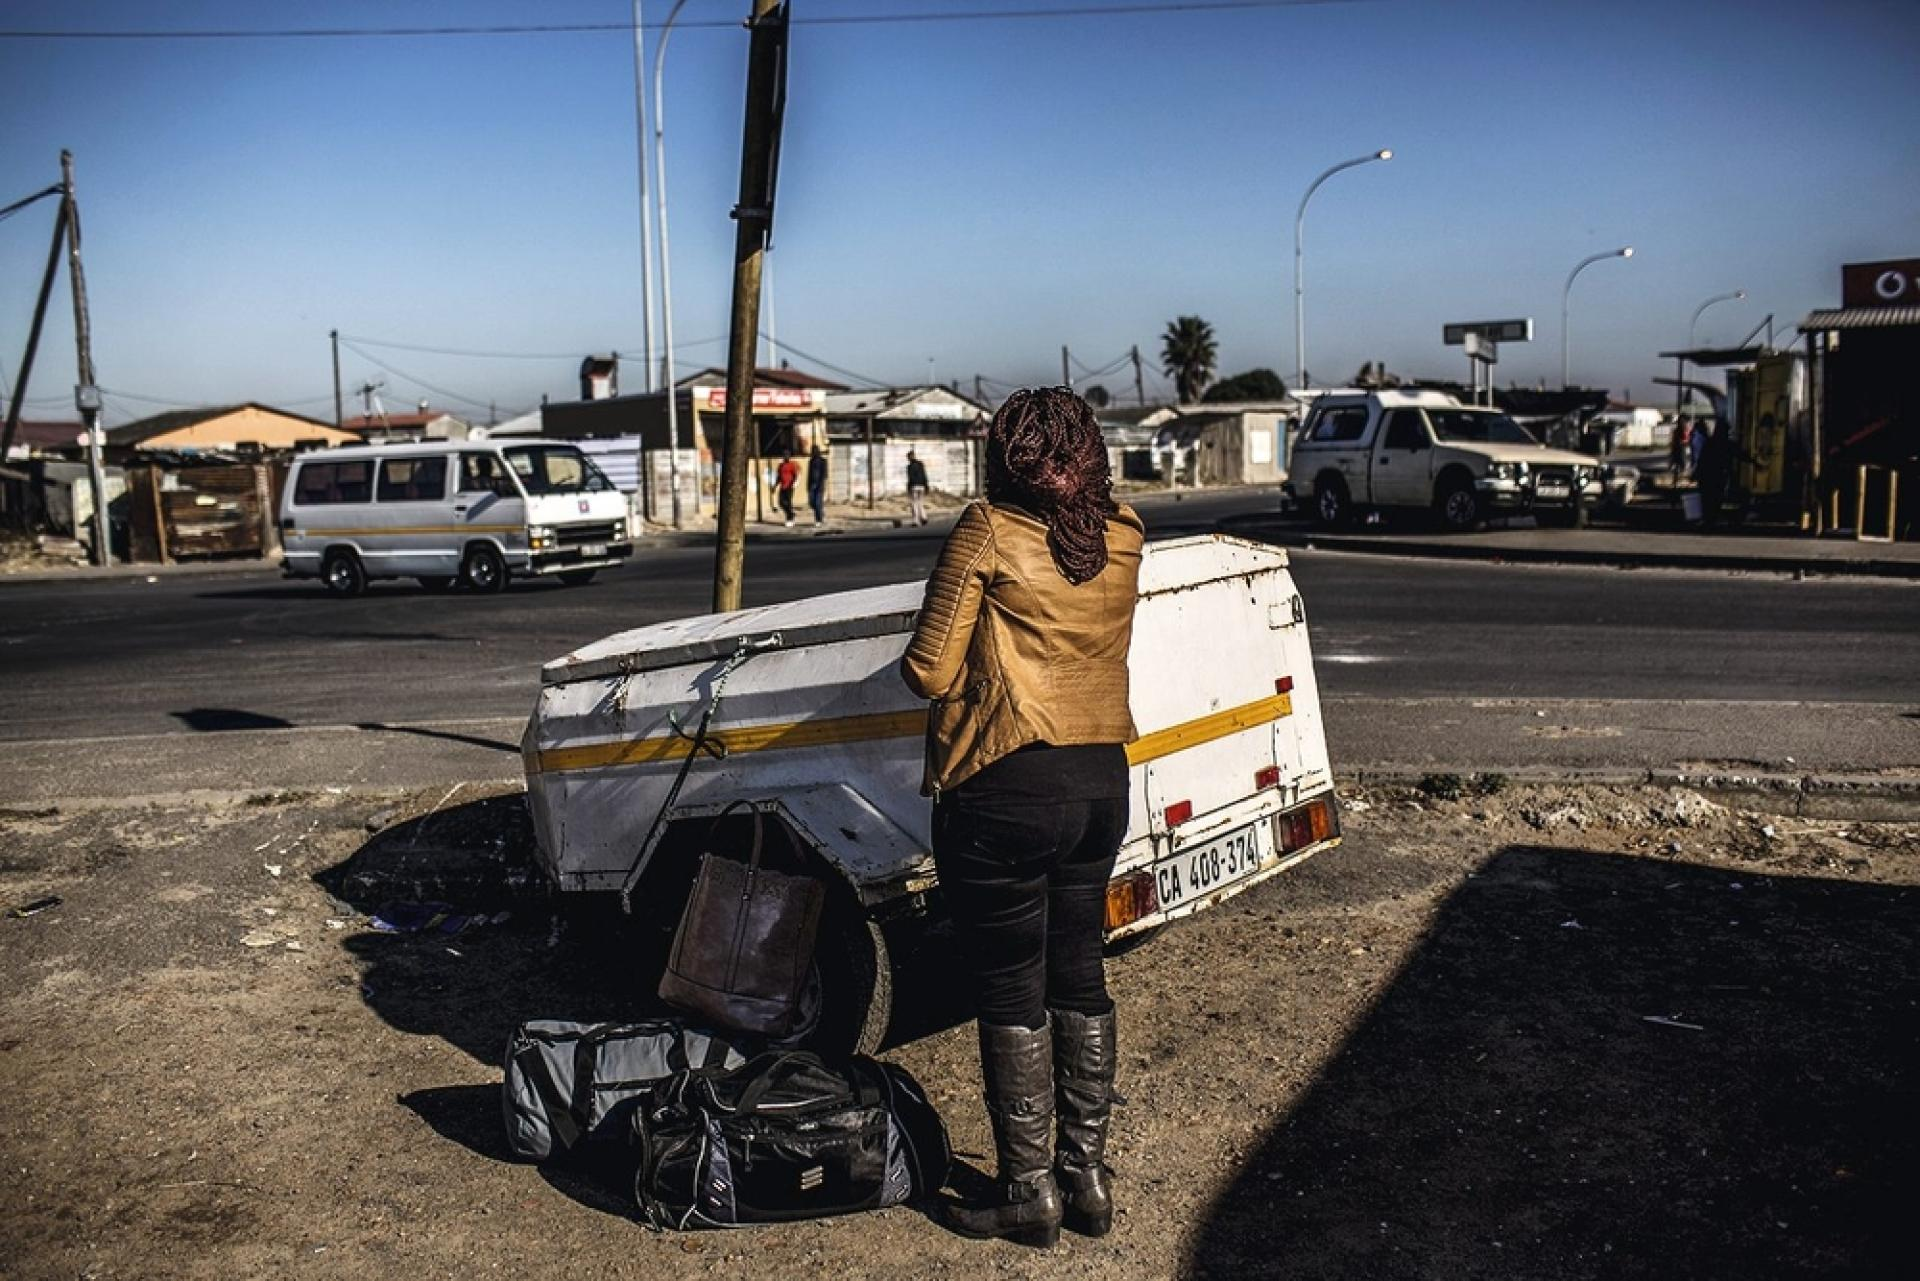 Les taxis-minibus sont indispensables aux habitants les plus pauvres, qui vivent loin du centre-ville, comme ici dans le township de Khayelitsha, situé à 30 km  du Cap.